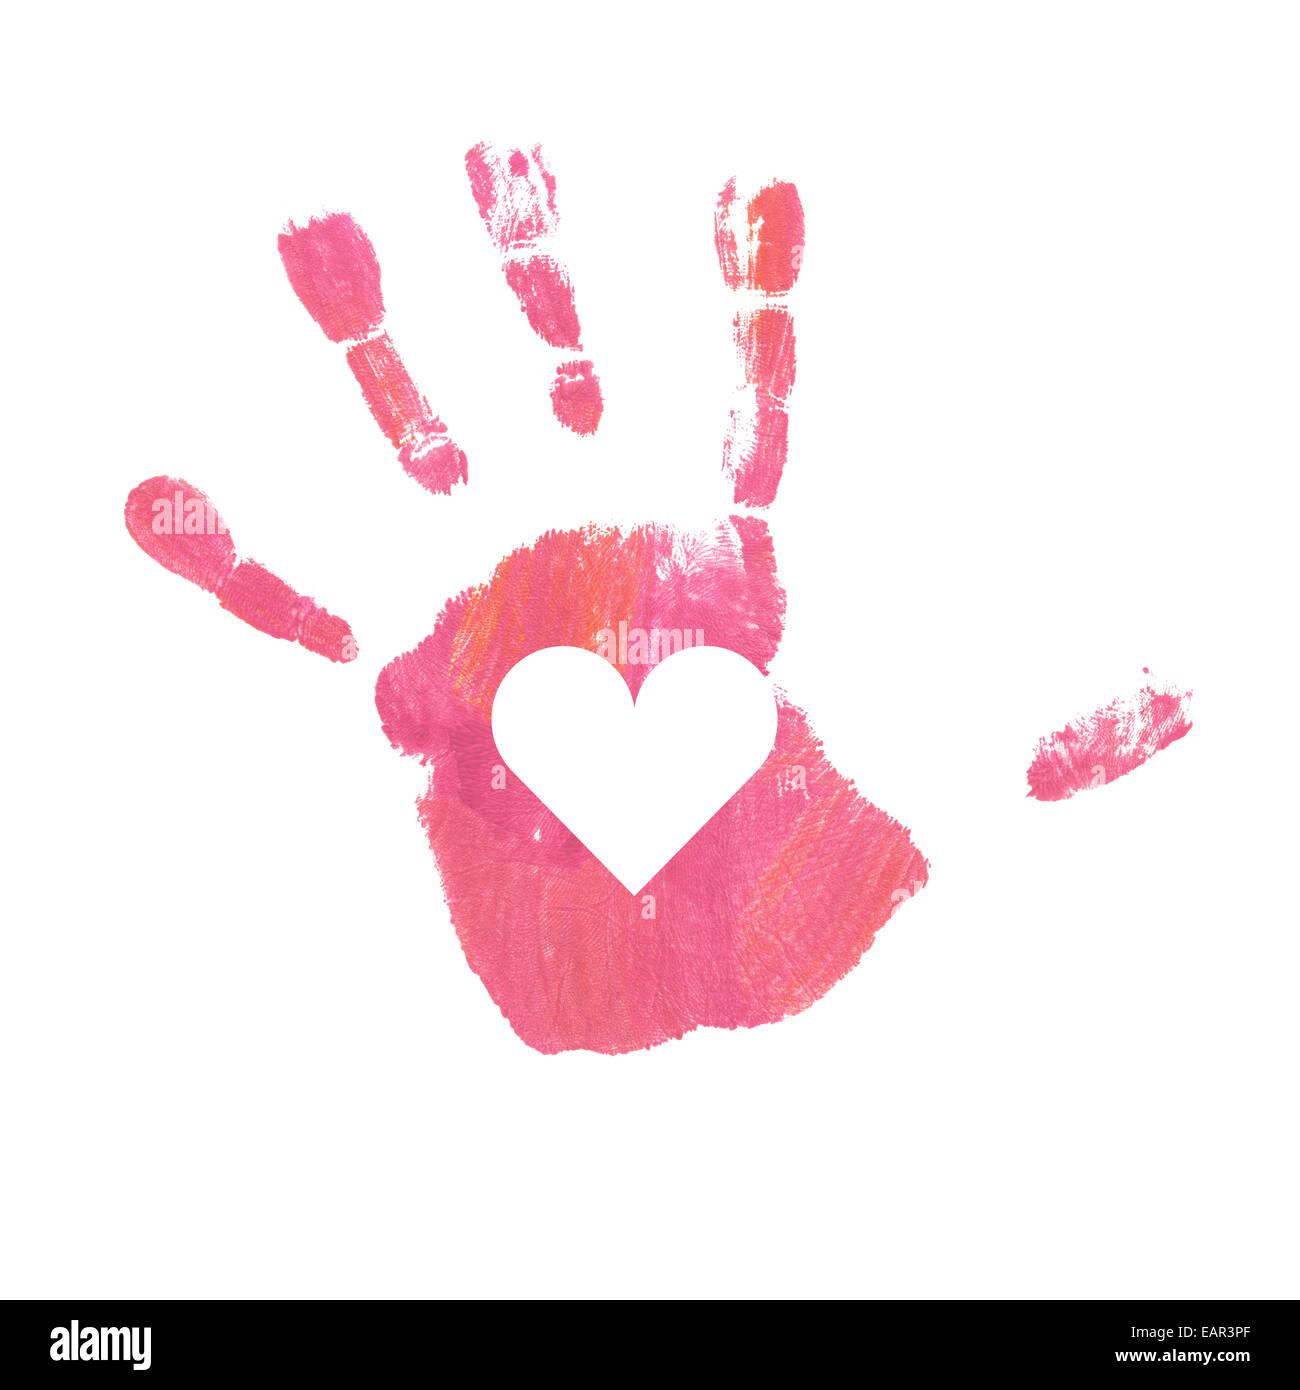 Nahaufnahme Von Rosa Handabdruck Kind 4 Jahre Isoliert Stockfoto